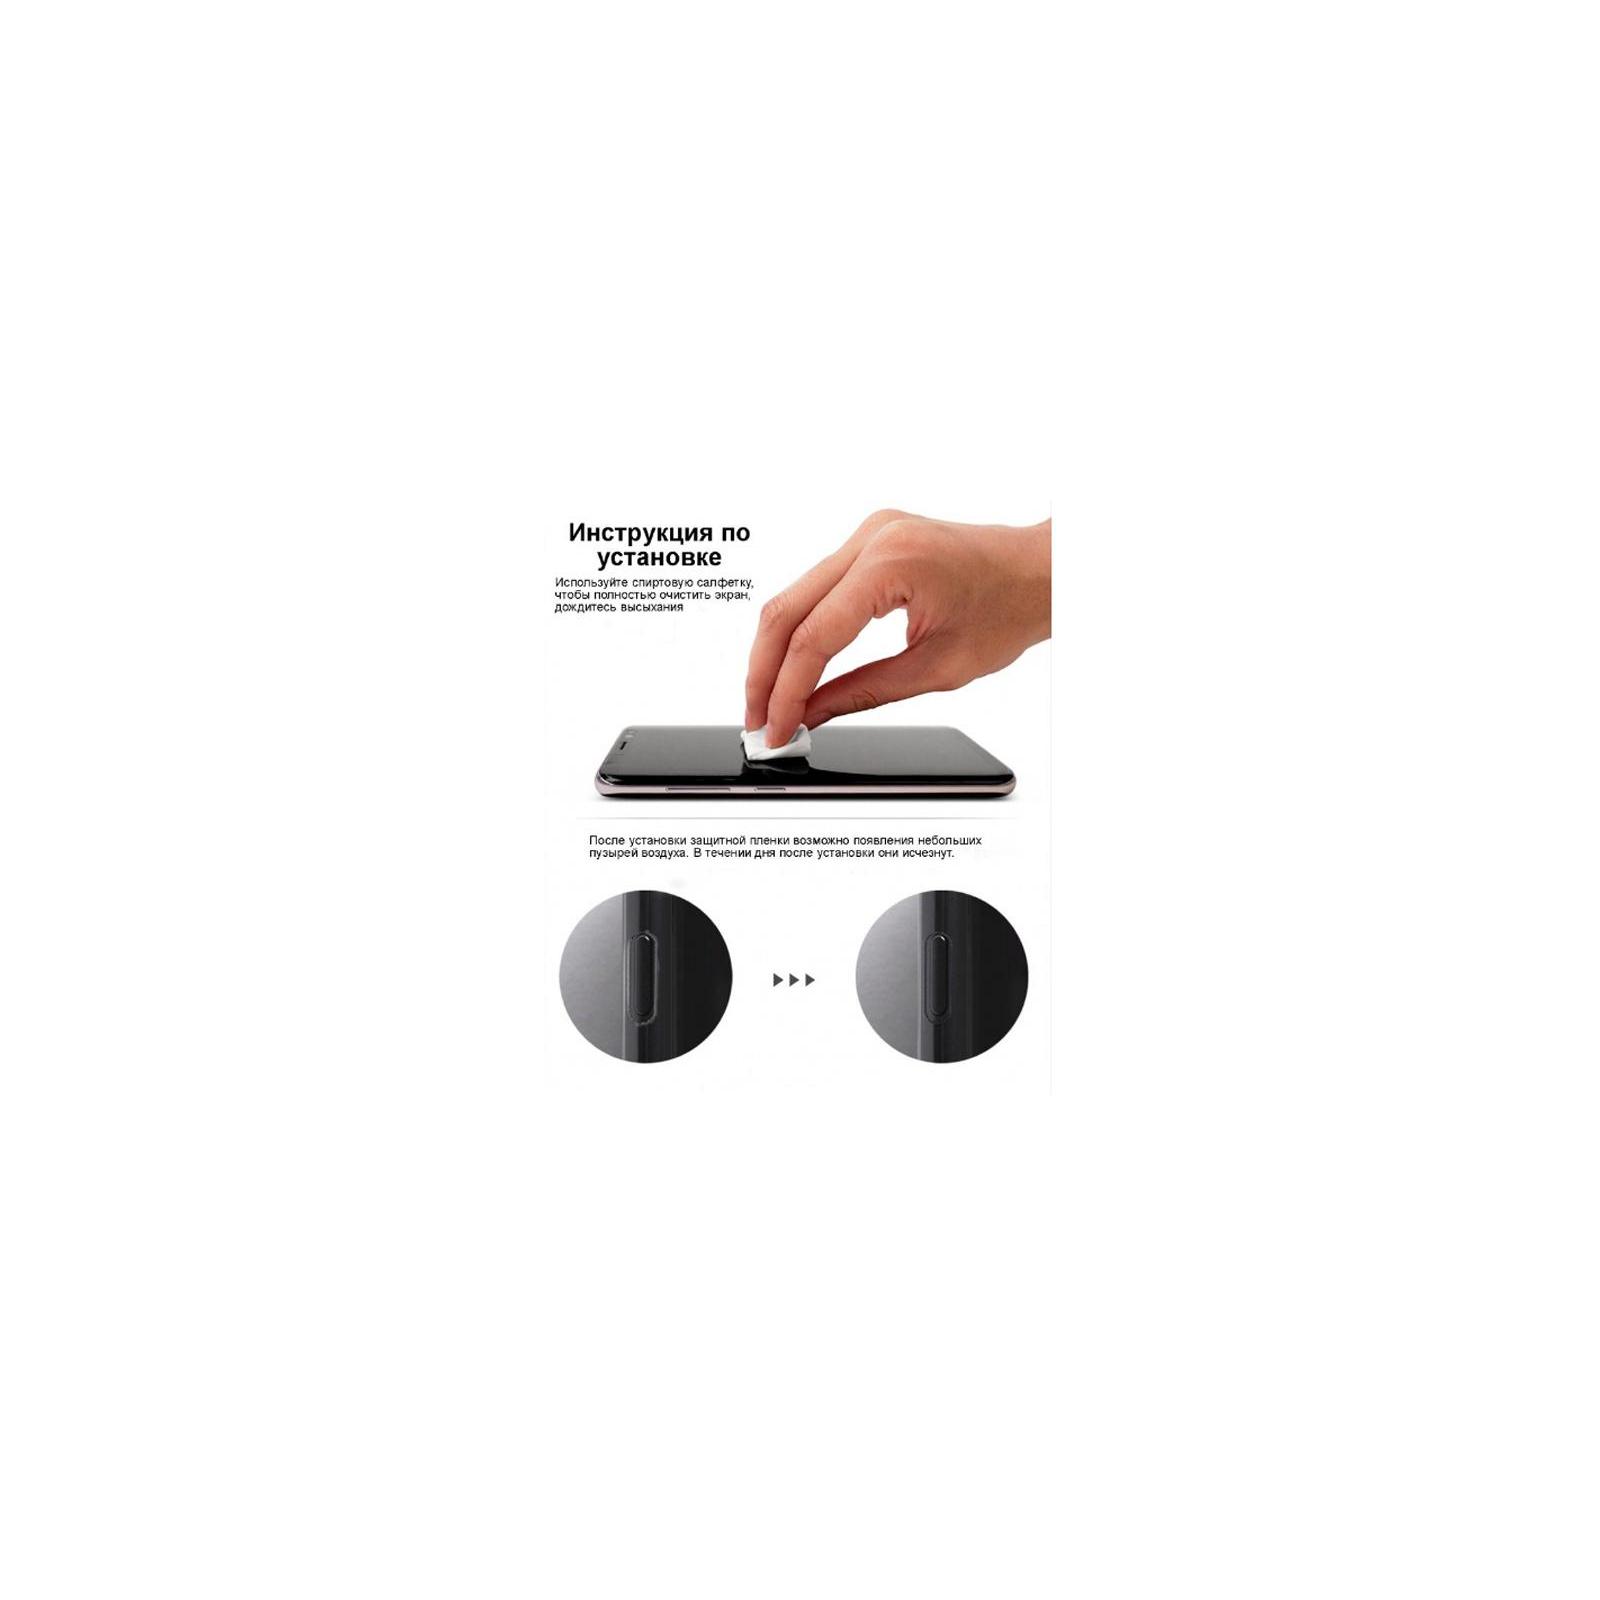 Пленка защитная Ringke для телефона Sony Xperia XZ2 Compact Full Cover (RSP4456) изображение 8